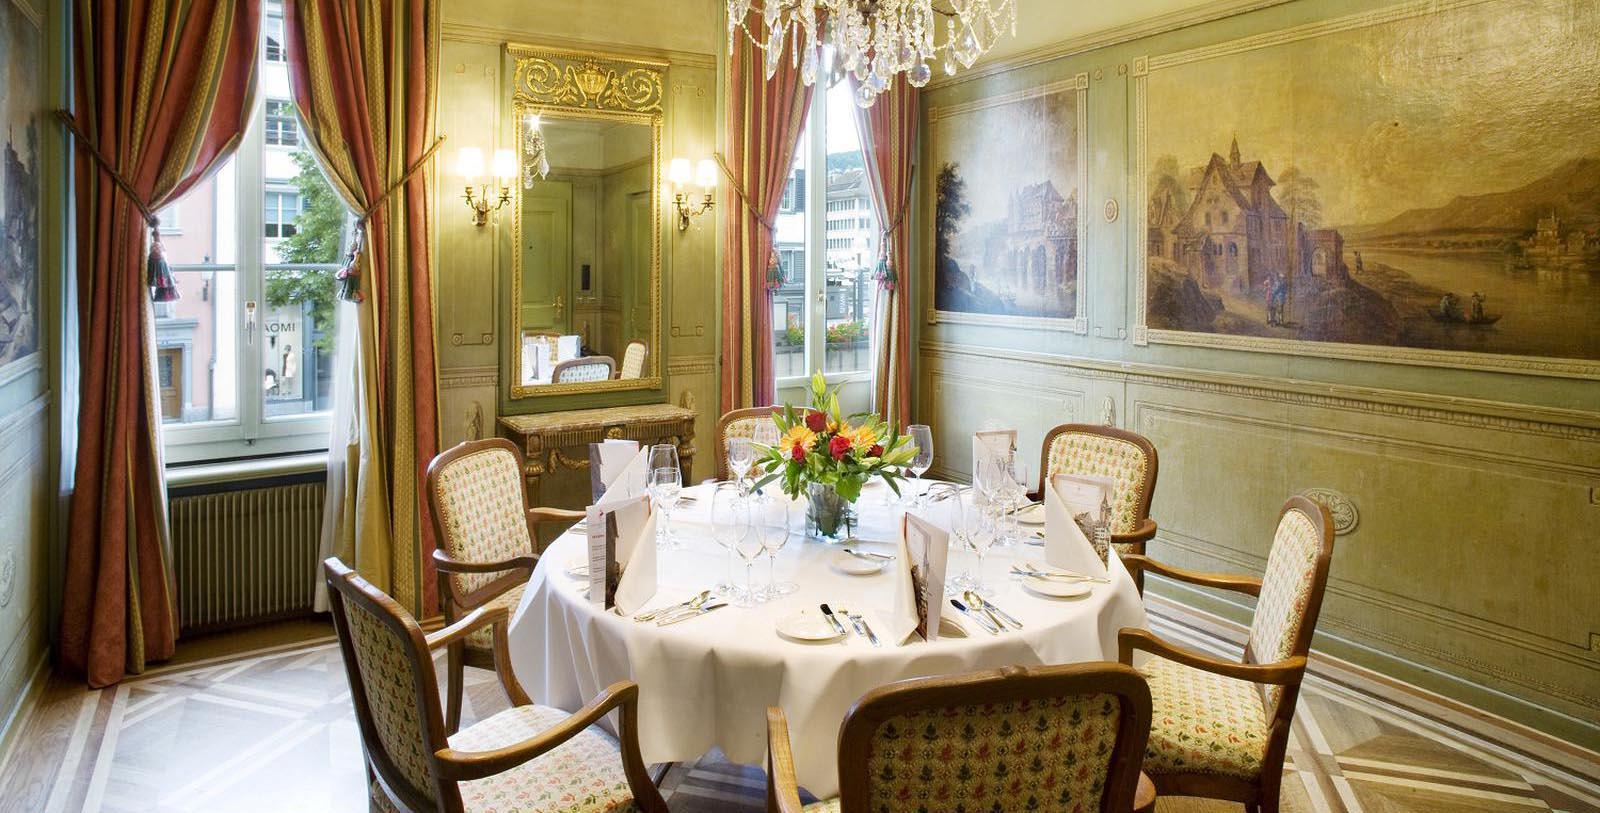 Image of Werdmüllersaal Banquet Room at Storchen Zürich, 1357, Member of Historic Hotels Worldwide, in Zurich, Switzerland, Taste